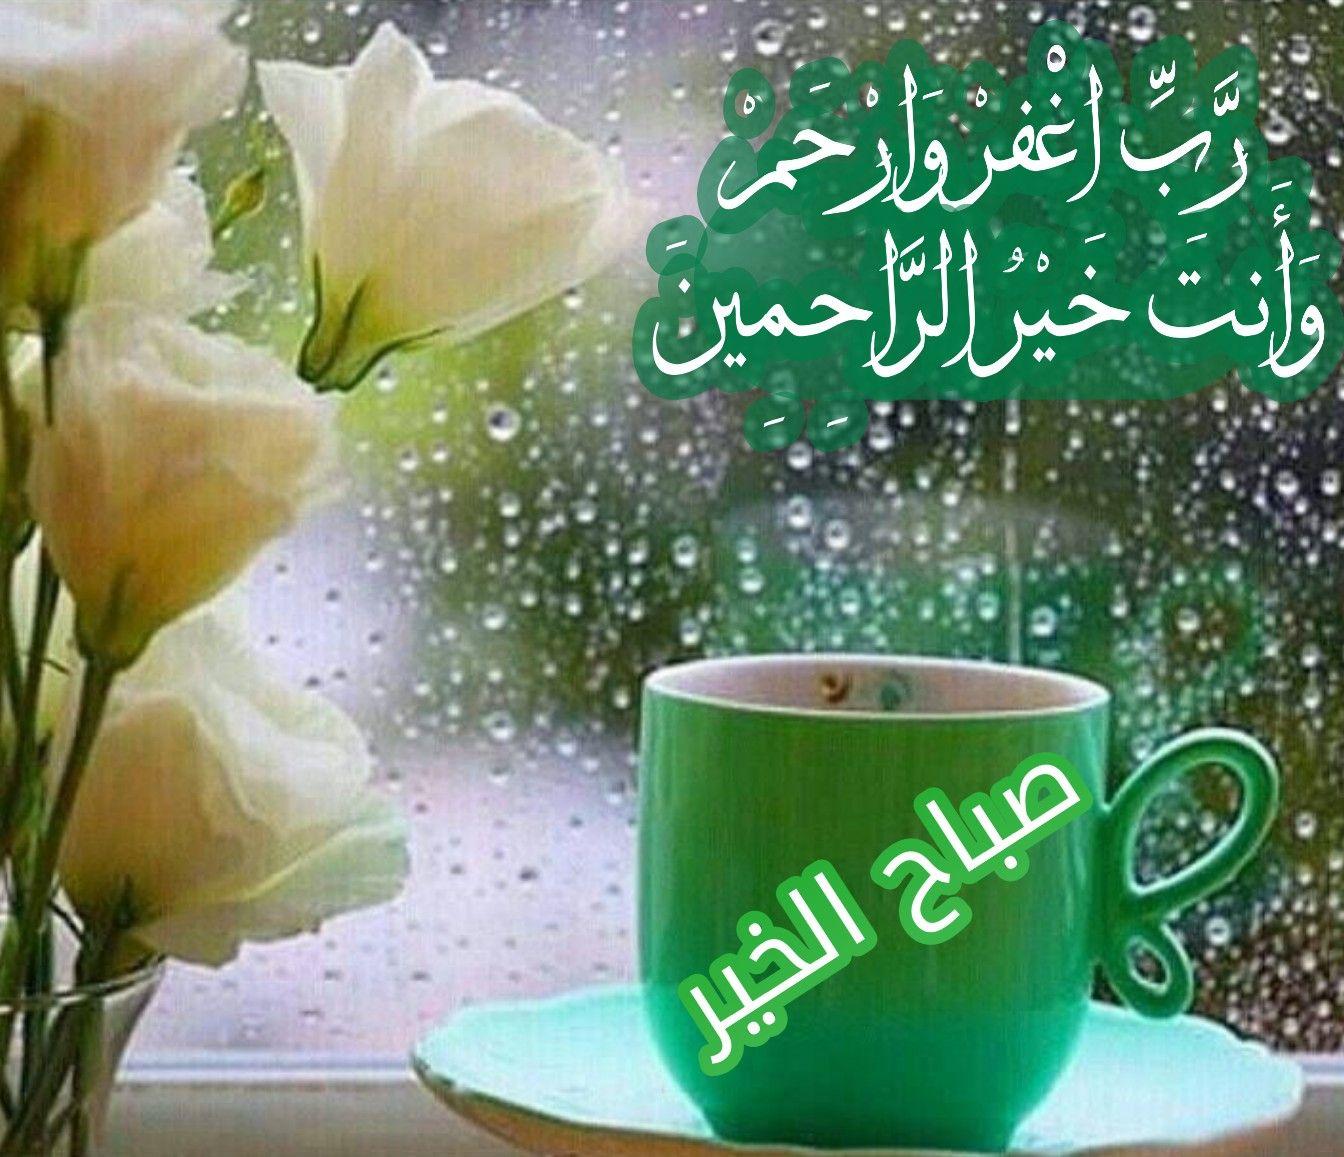 رب اغفر وارحم وانت خير الراحمين صباح الخير Islamic Images Morning Wish Good Morning